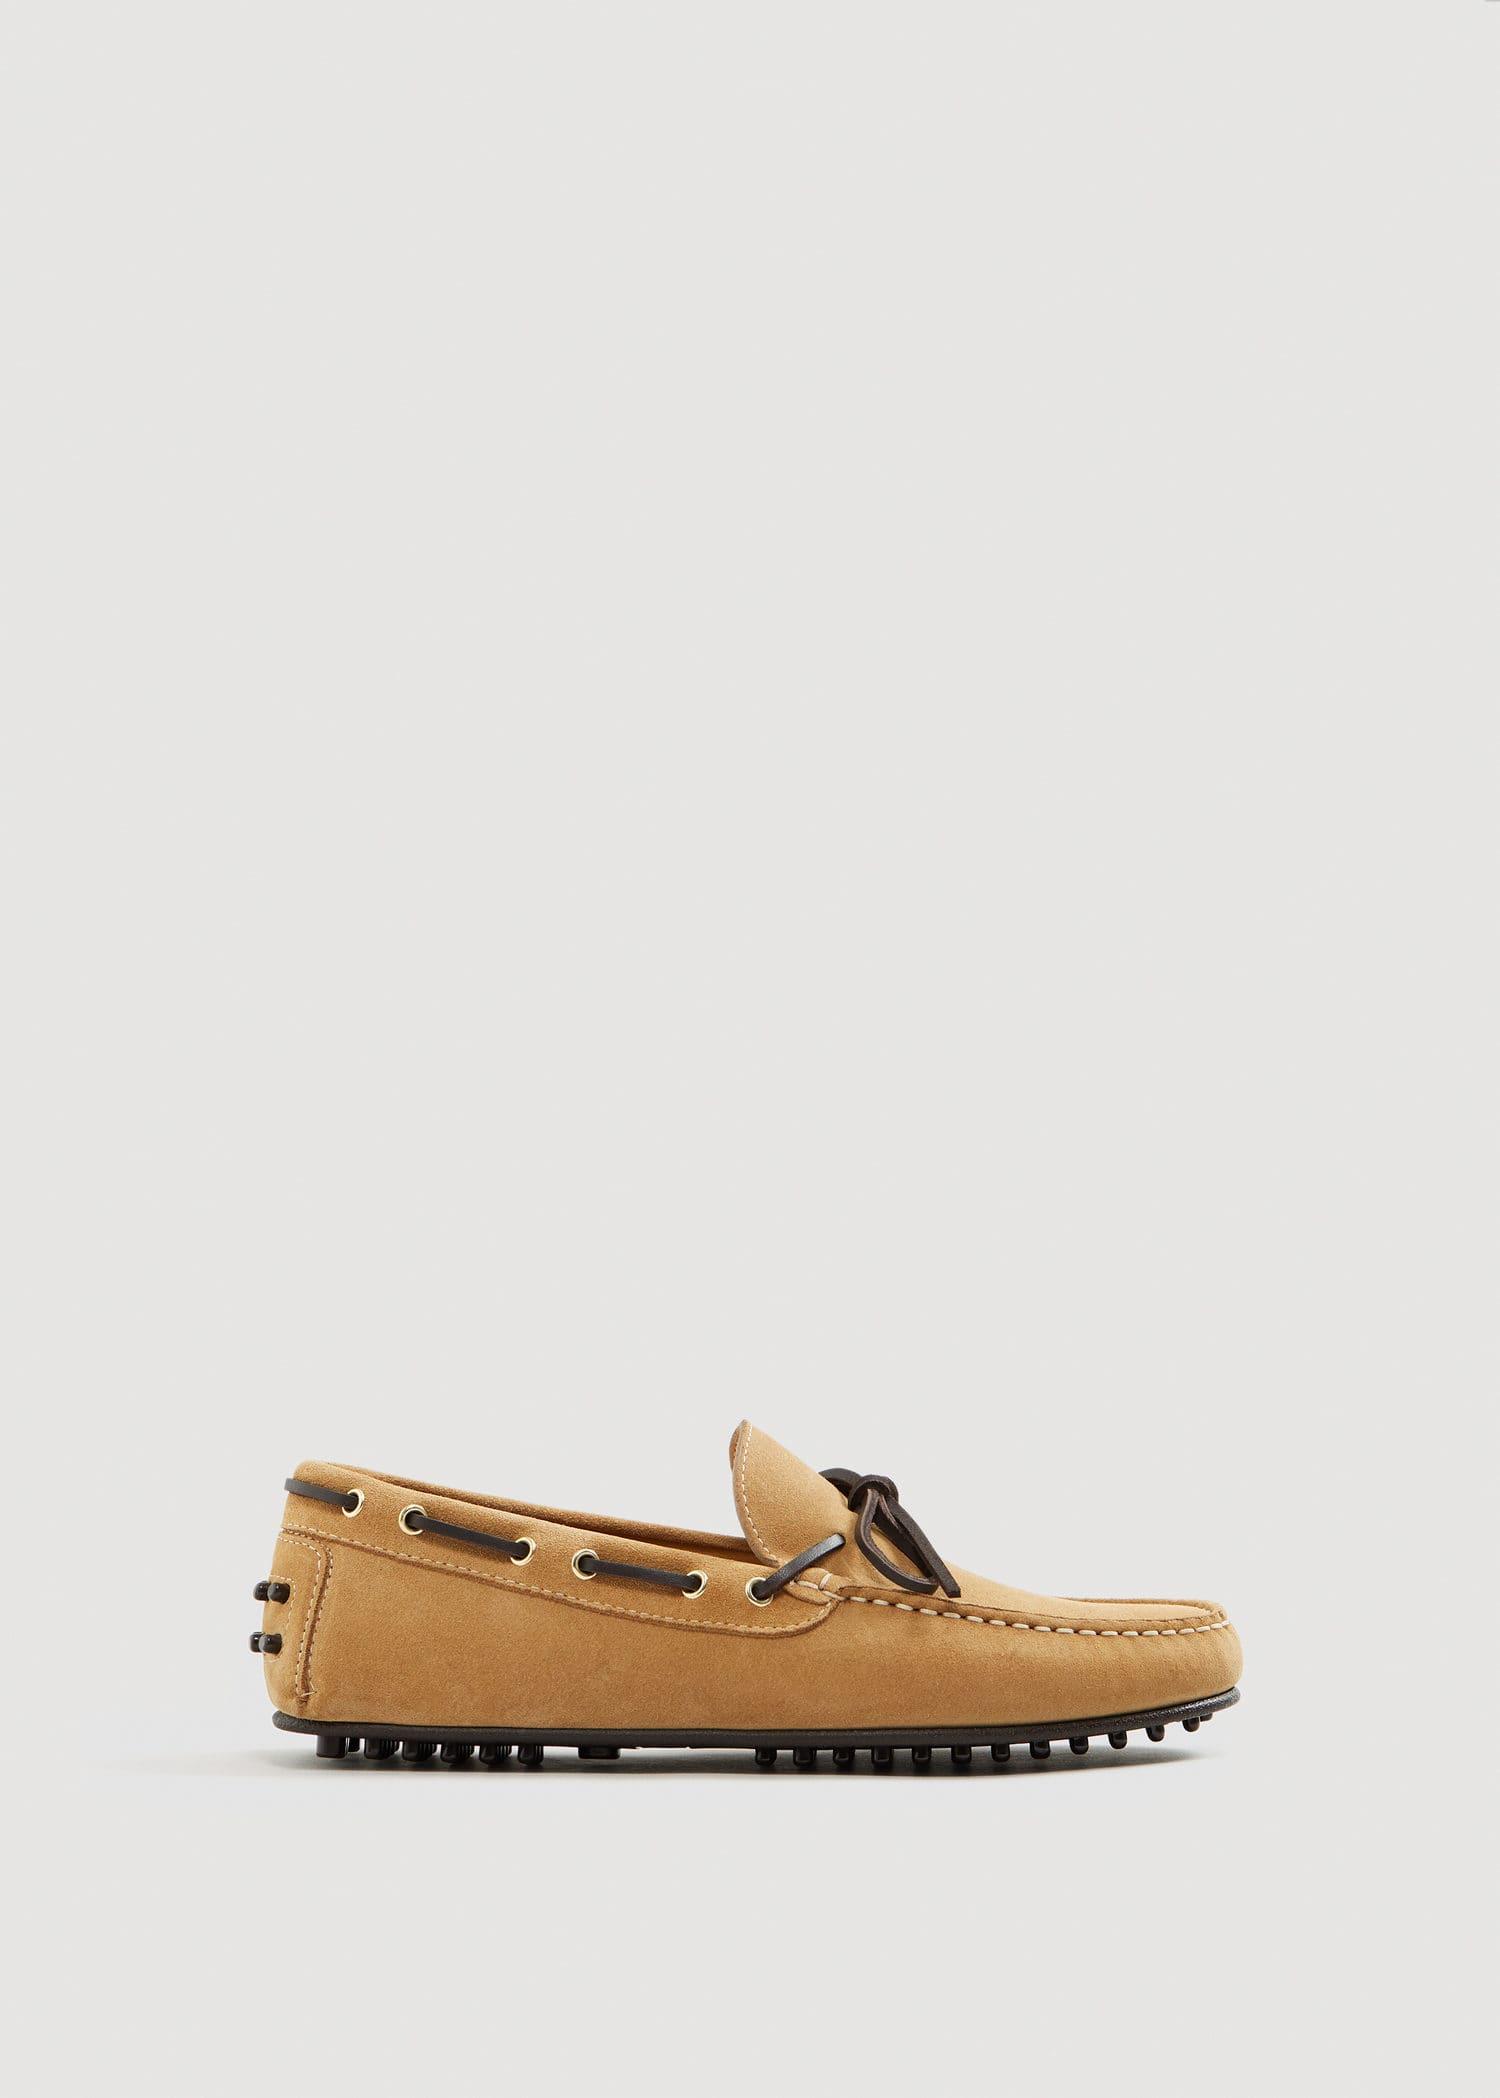 Suis Chaussures Bleu Chaussures Embarquant Pour Les Hommes TjTR30